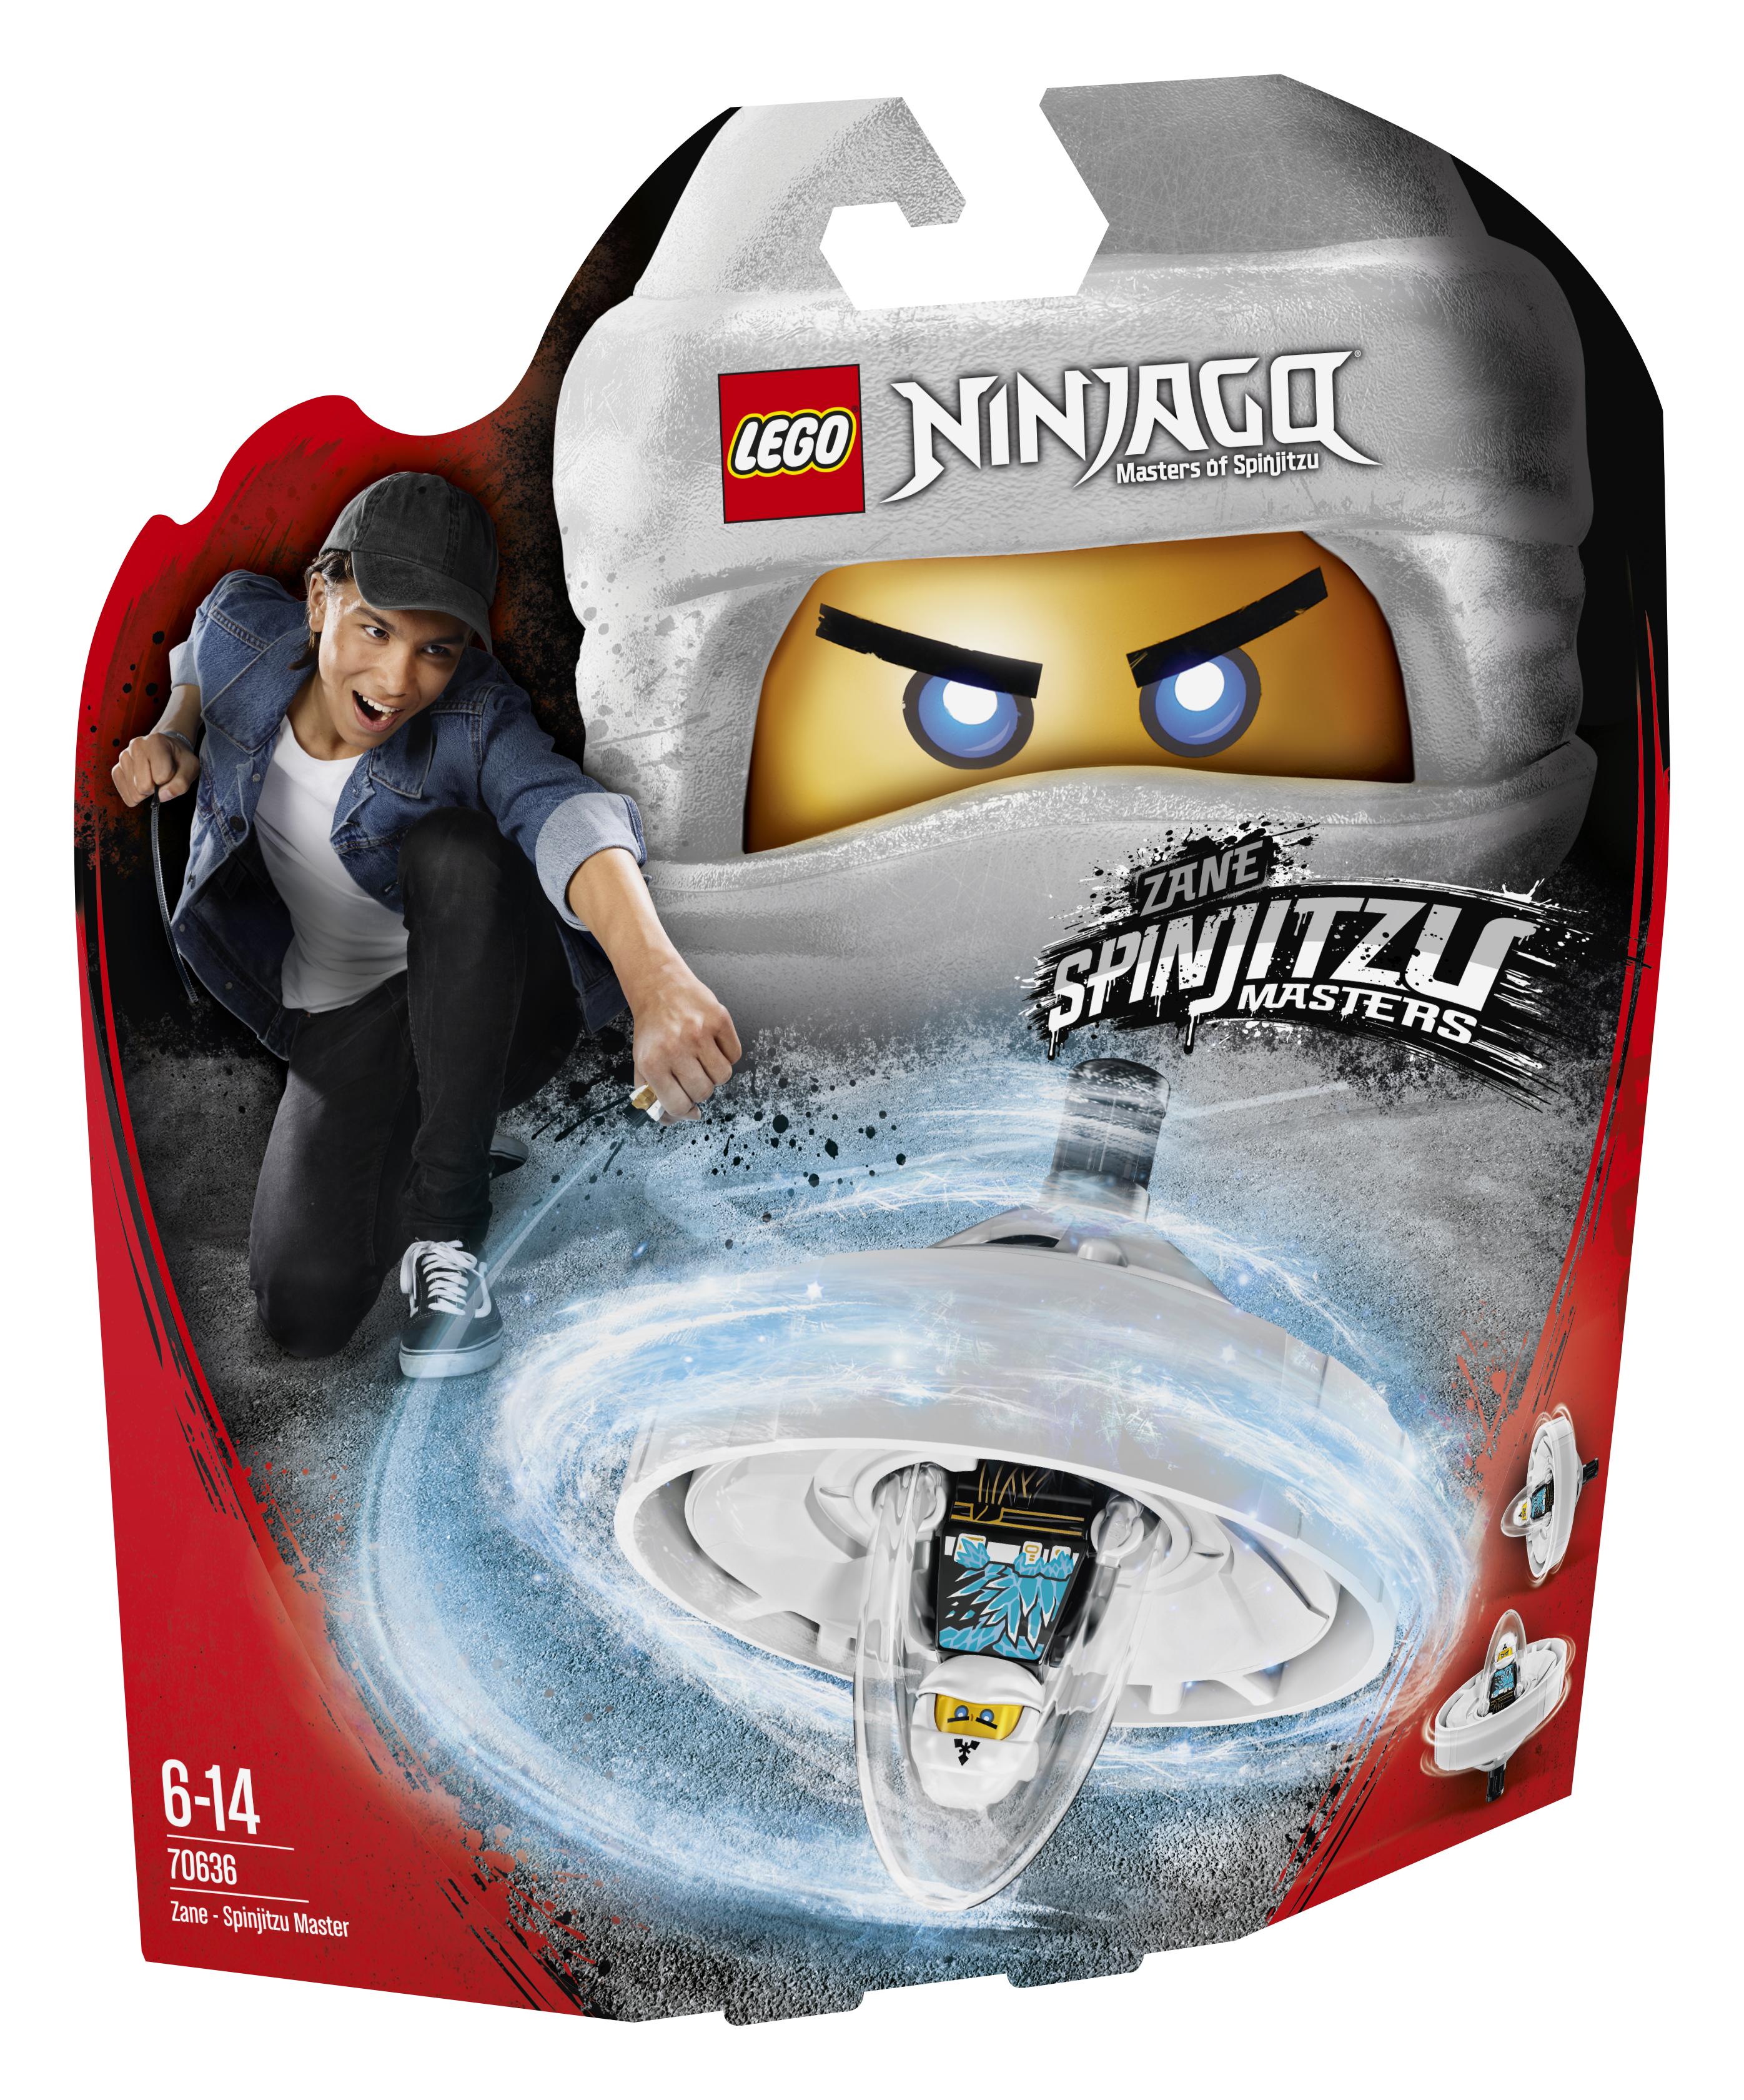 Конструктор LEGO Ninjago 70636 Зейн-Мастер Кружитцу lego lego конструктор lego ninjago 70648 зейн мастер дракона